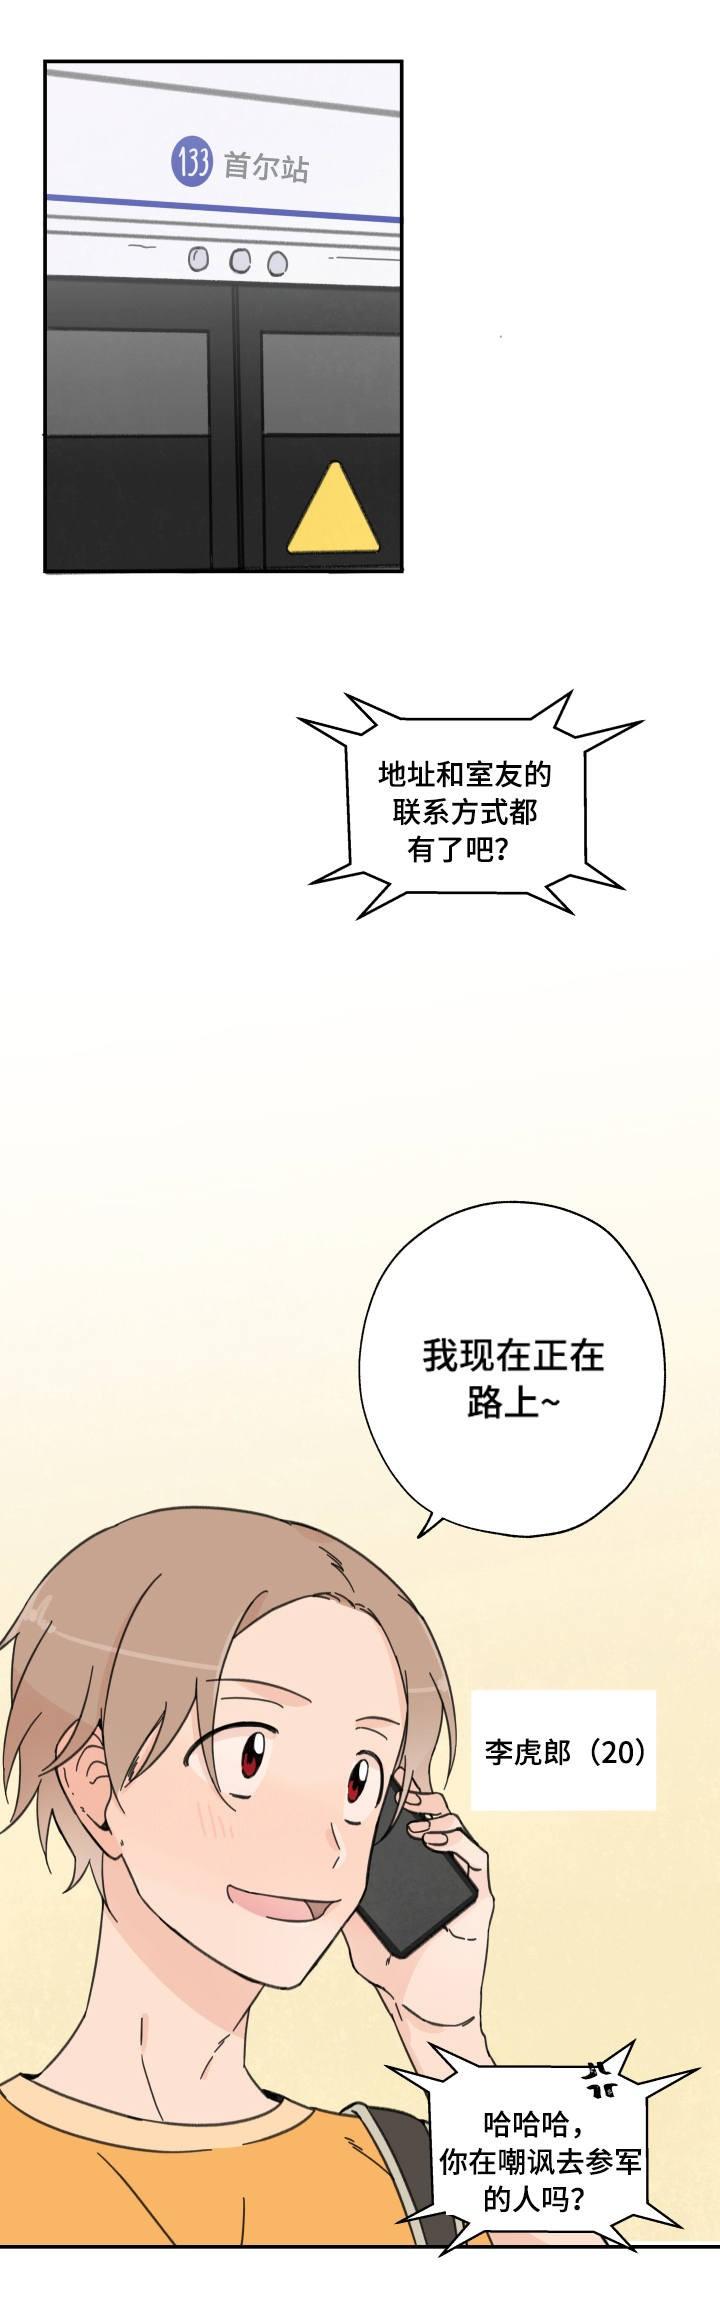 《青涩长成》— 免费漫画 —(无删版全文在线阅读)